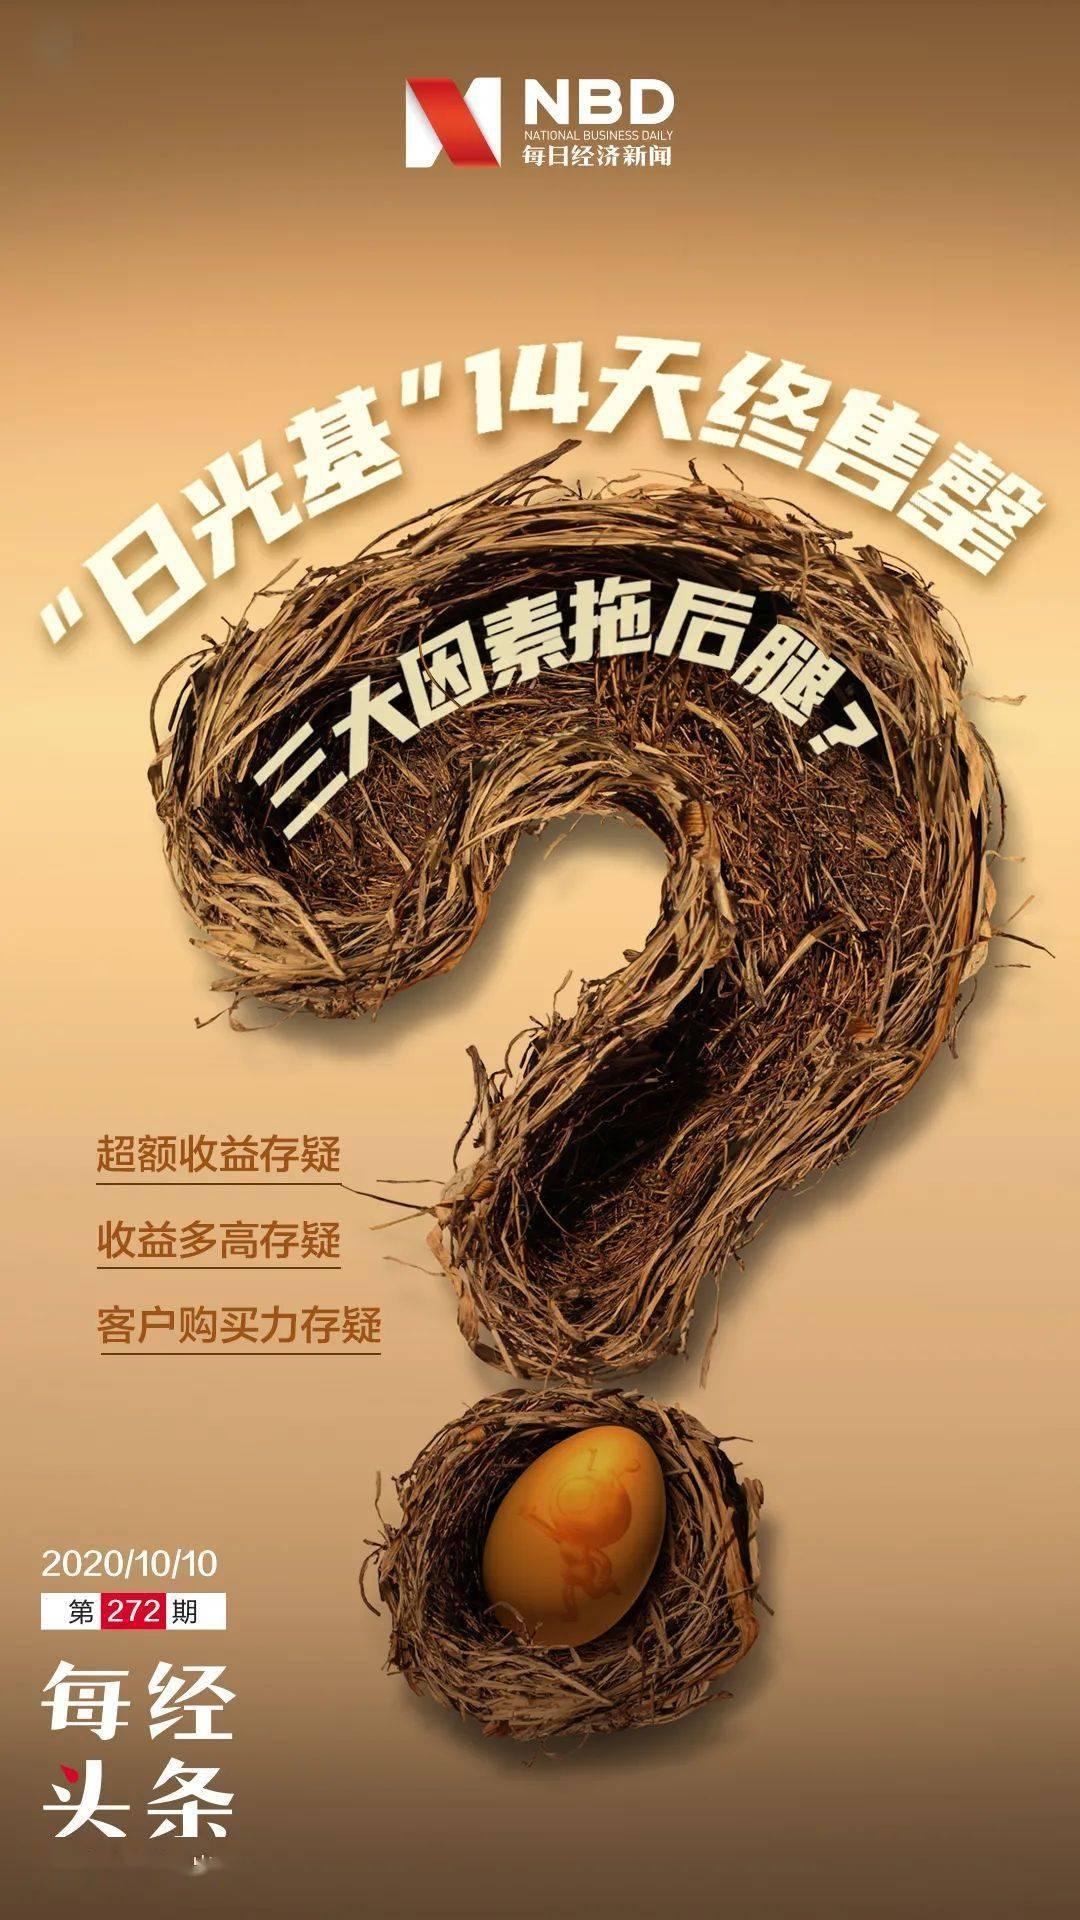 """大跌眼镜:众所期待的""""日光基""""花了14天才售罄!""""蚂蚁""""PK""""大象""""未果遭三大因素拖后腿"""